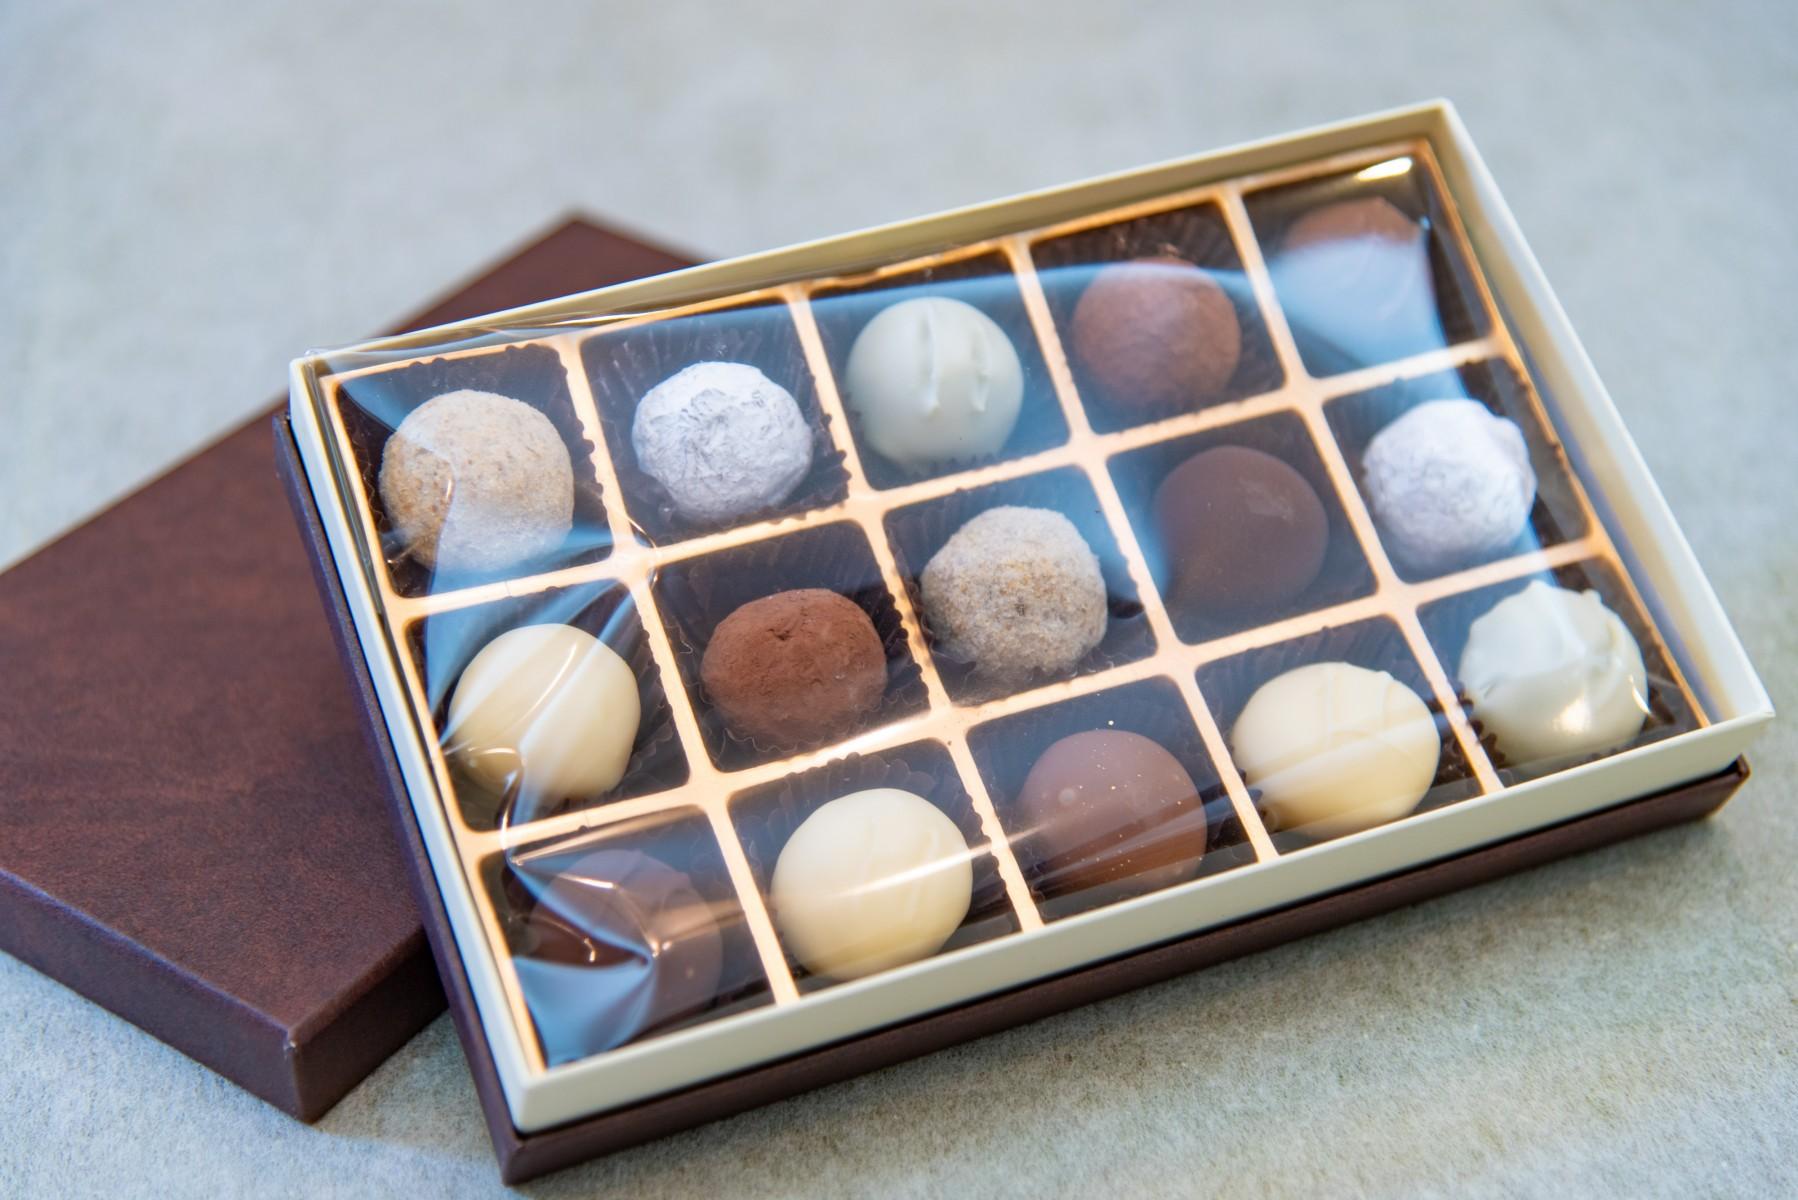 チョコレート詰め合わせ15個